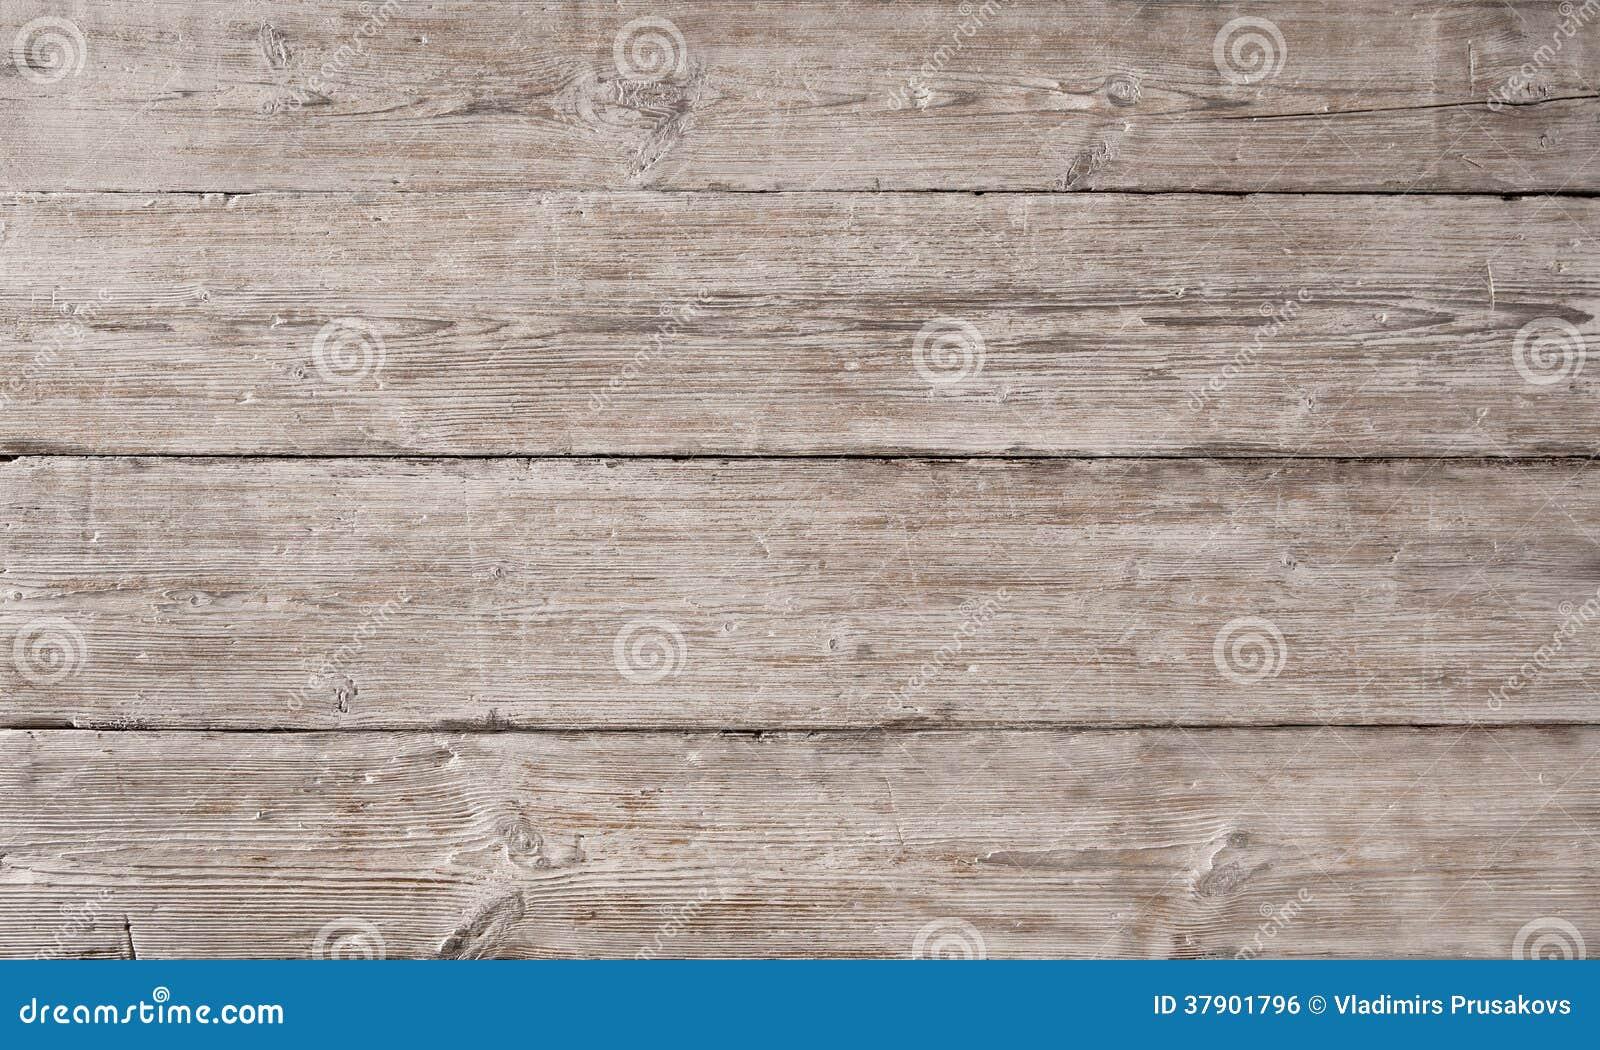 木板条五谷纹理,木板镶边了纤维,老地板